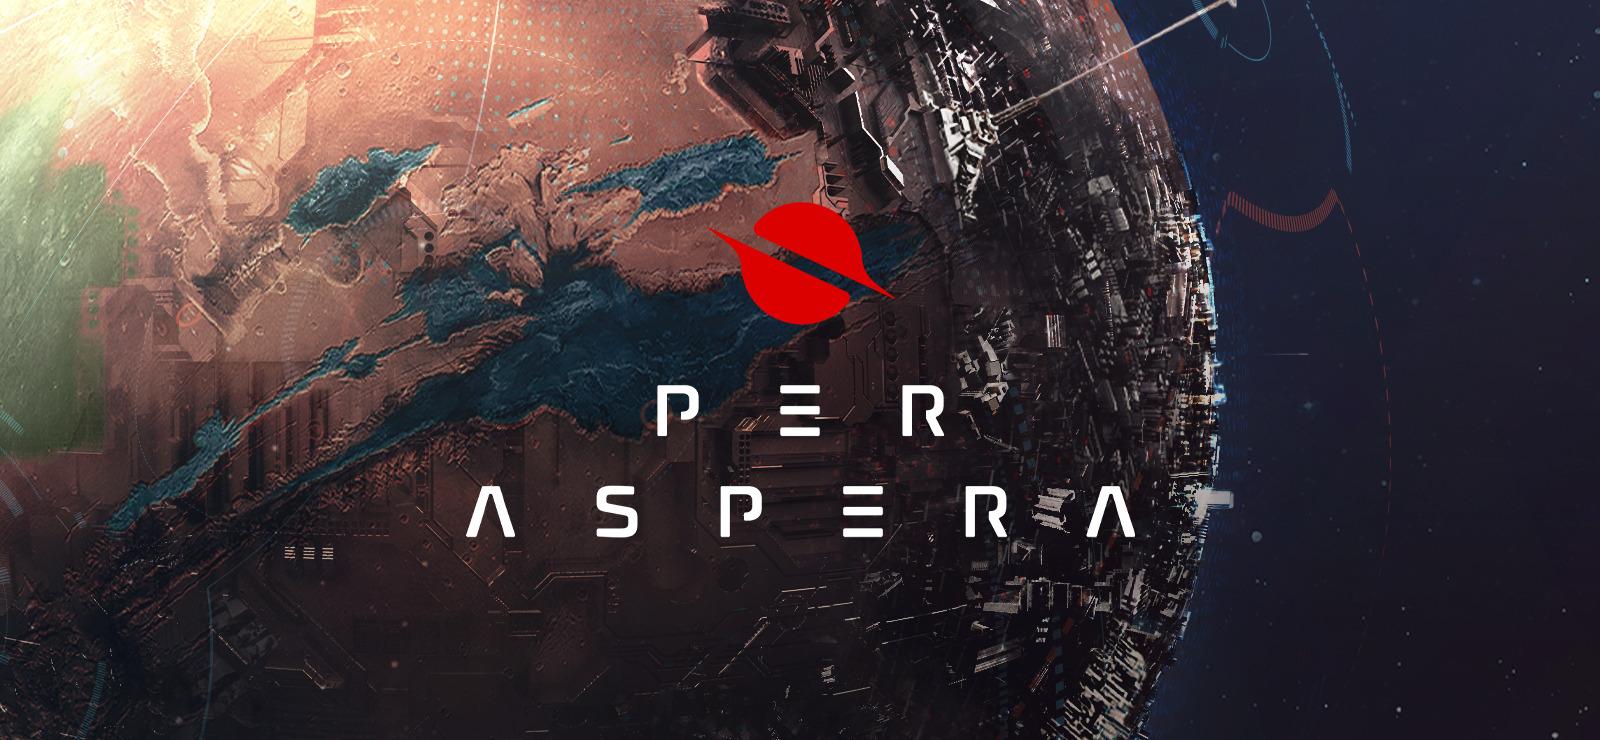 Per Aspera - Logistics Free Download